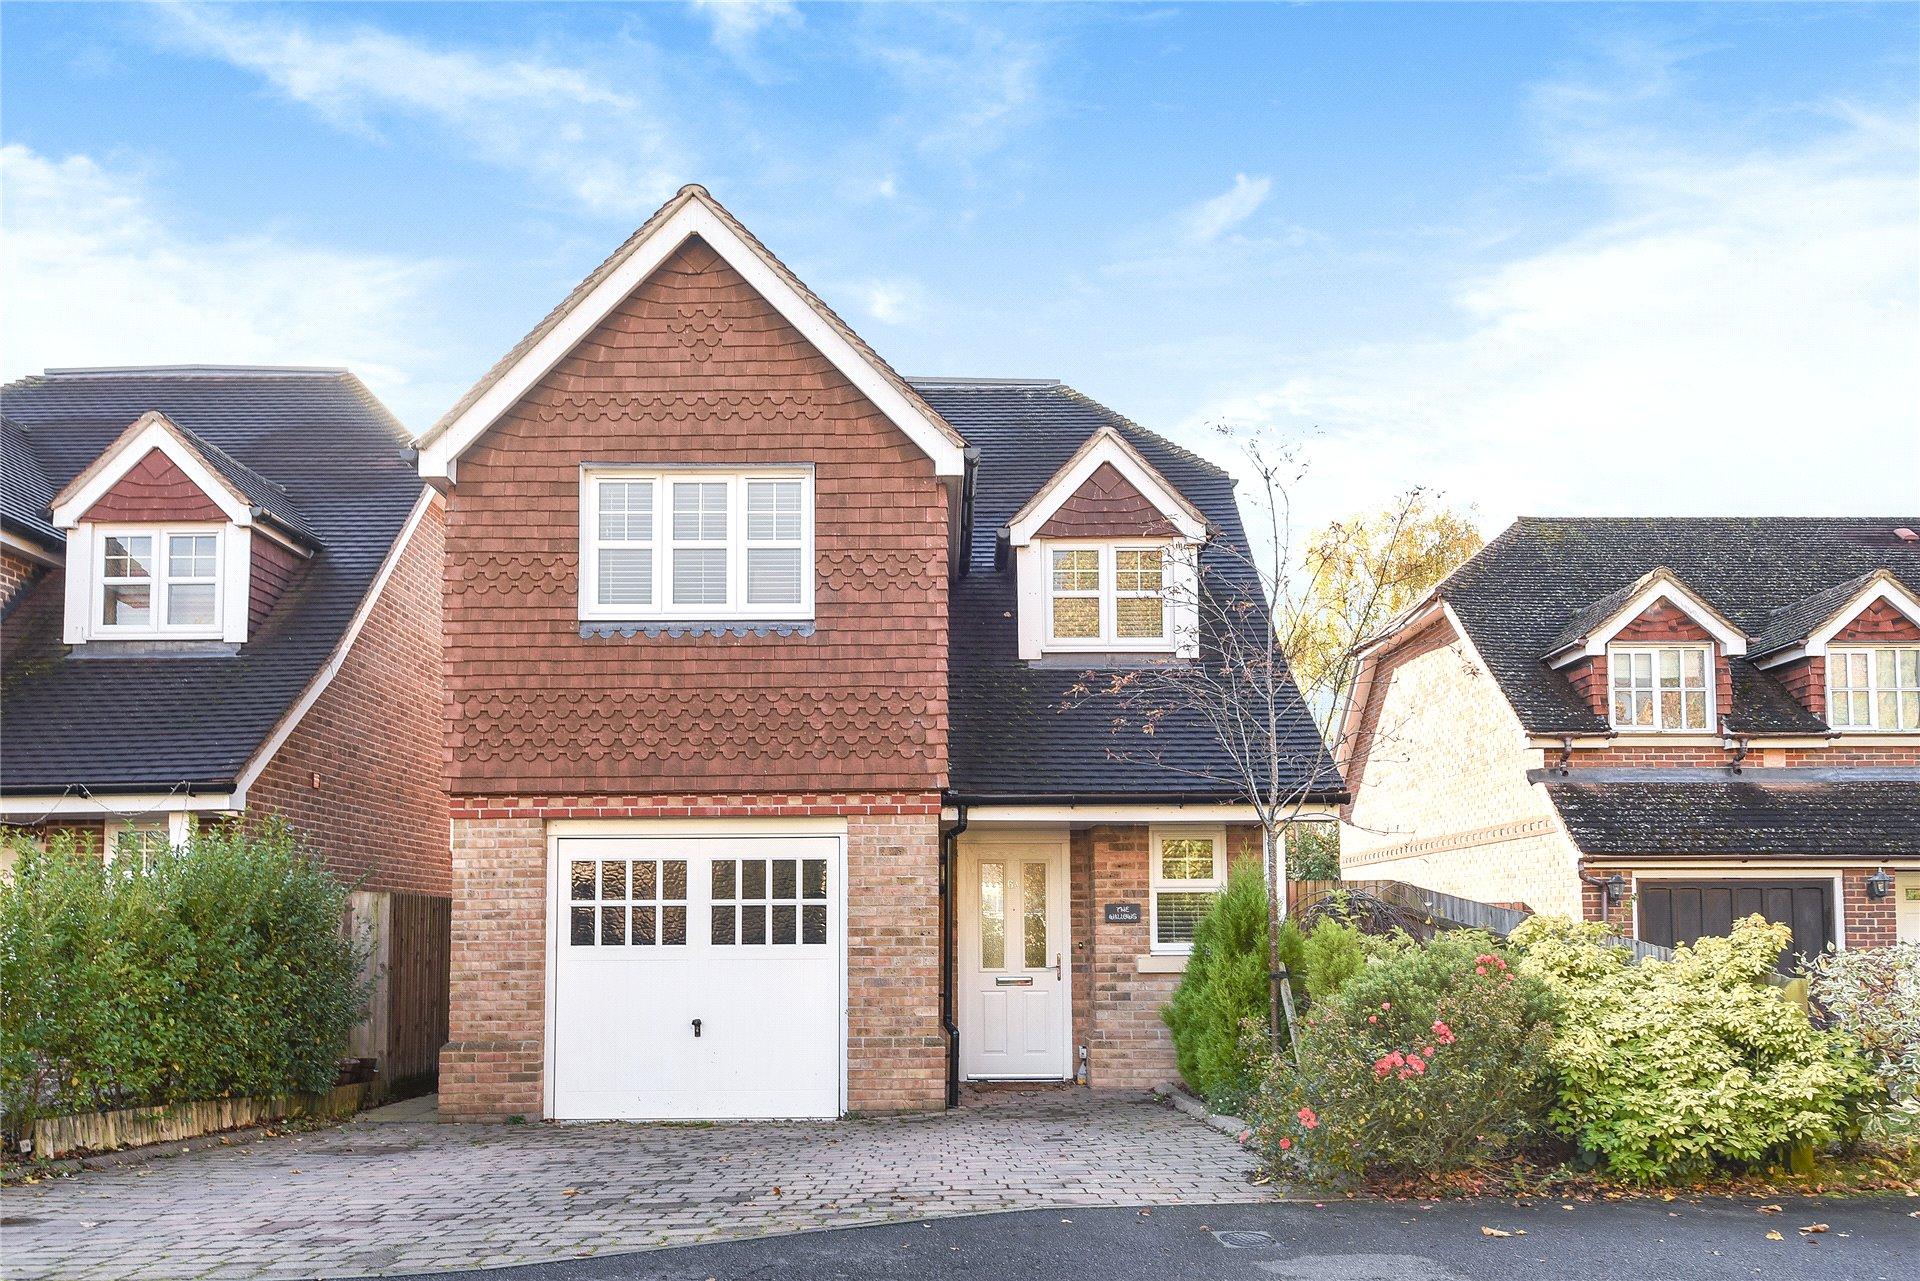 4 Bedrooms Detached House for sale in Williamson Close, Winnersh, Wokingham, Berkshire, RG41